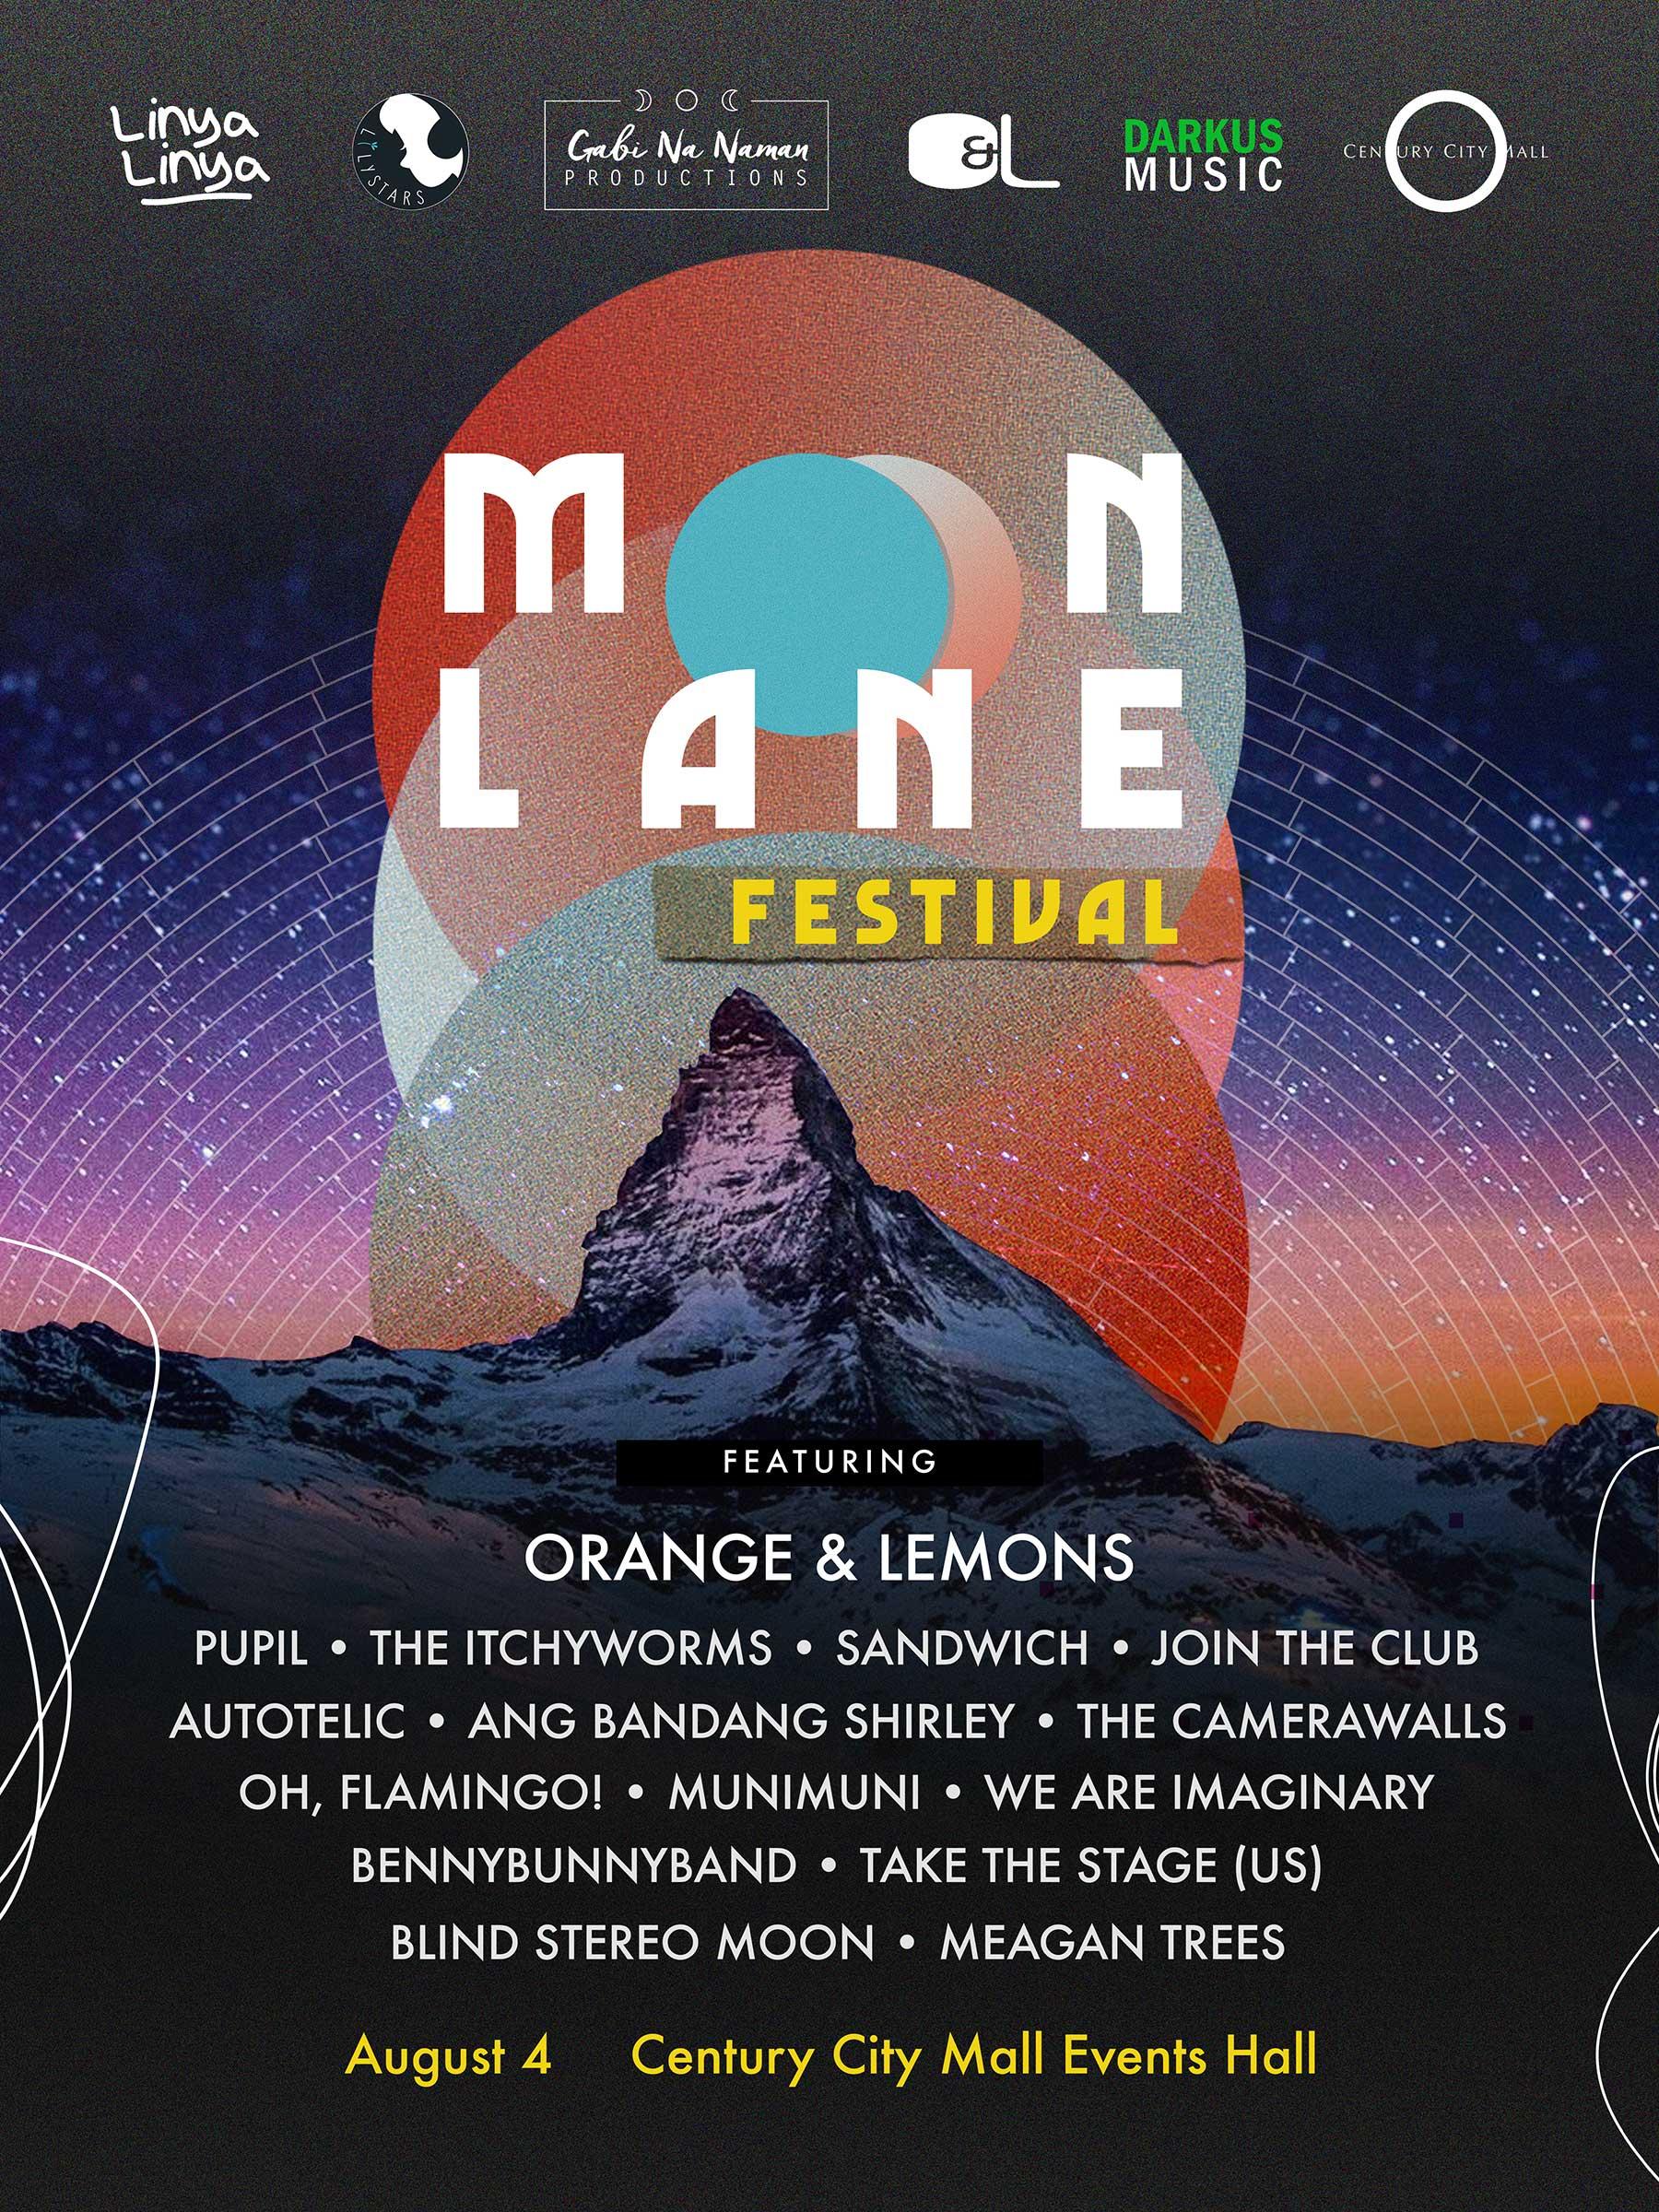 Moonlane Festival